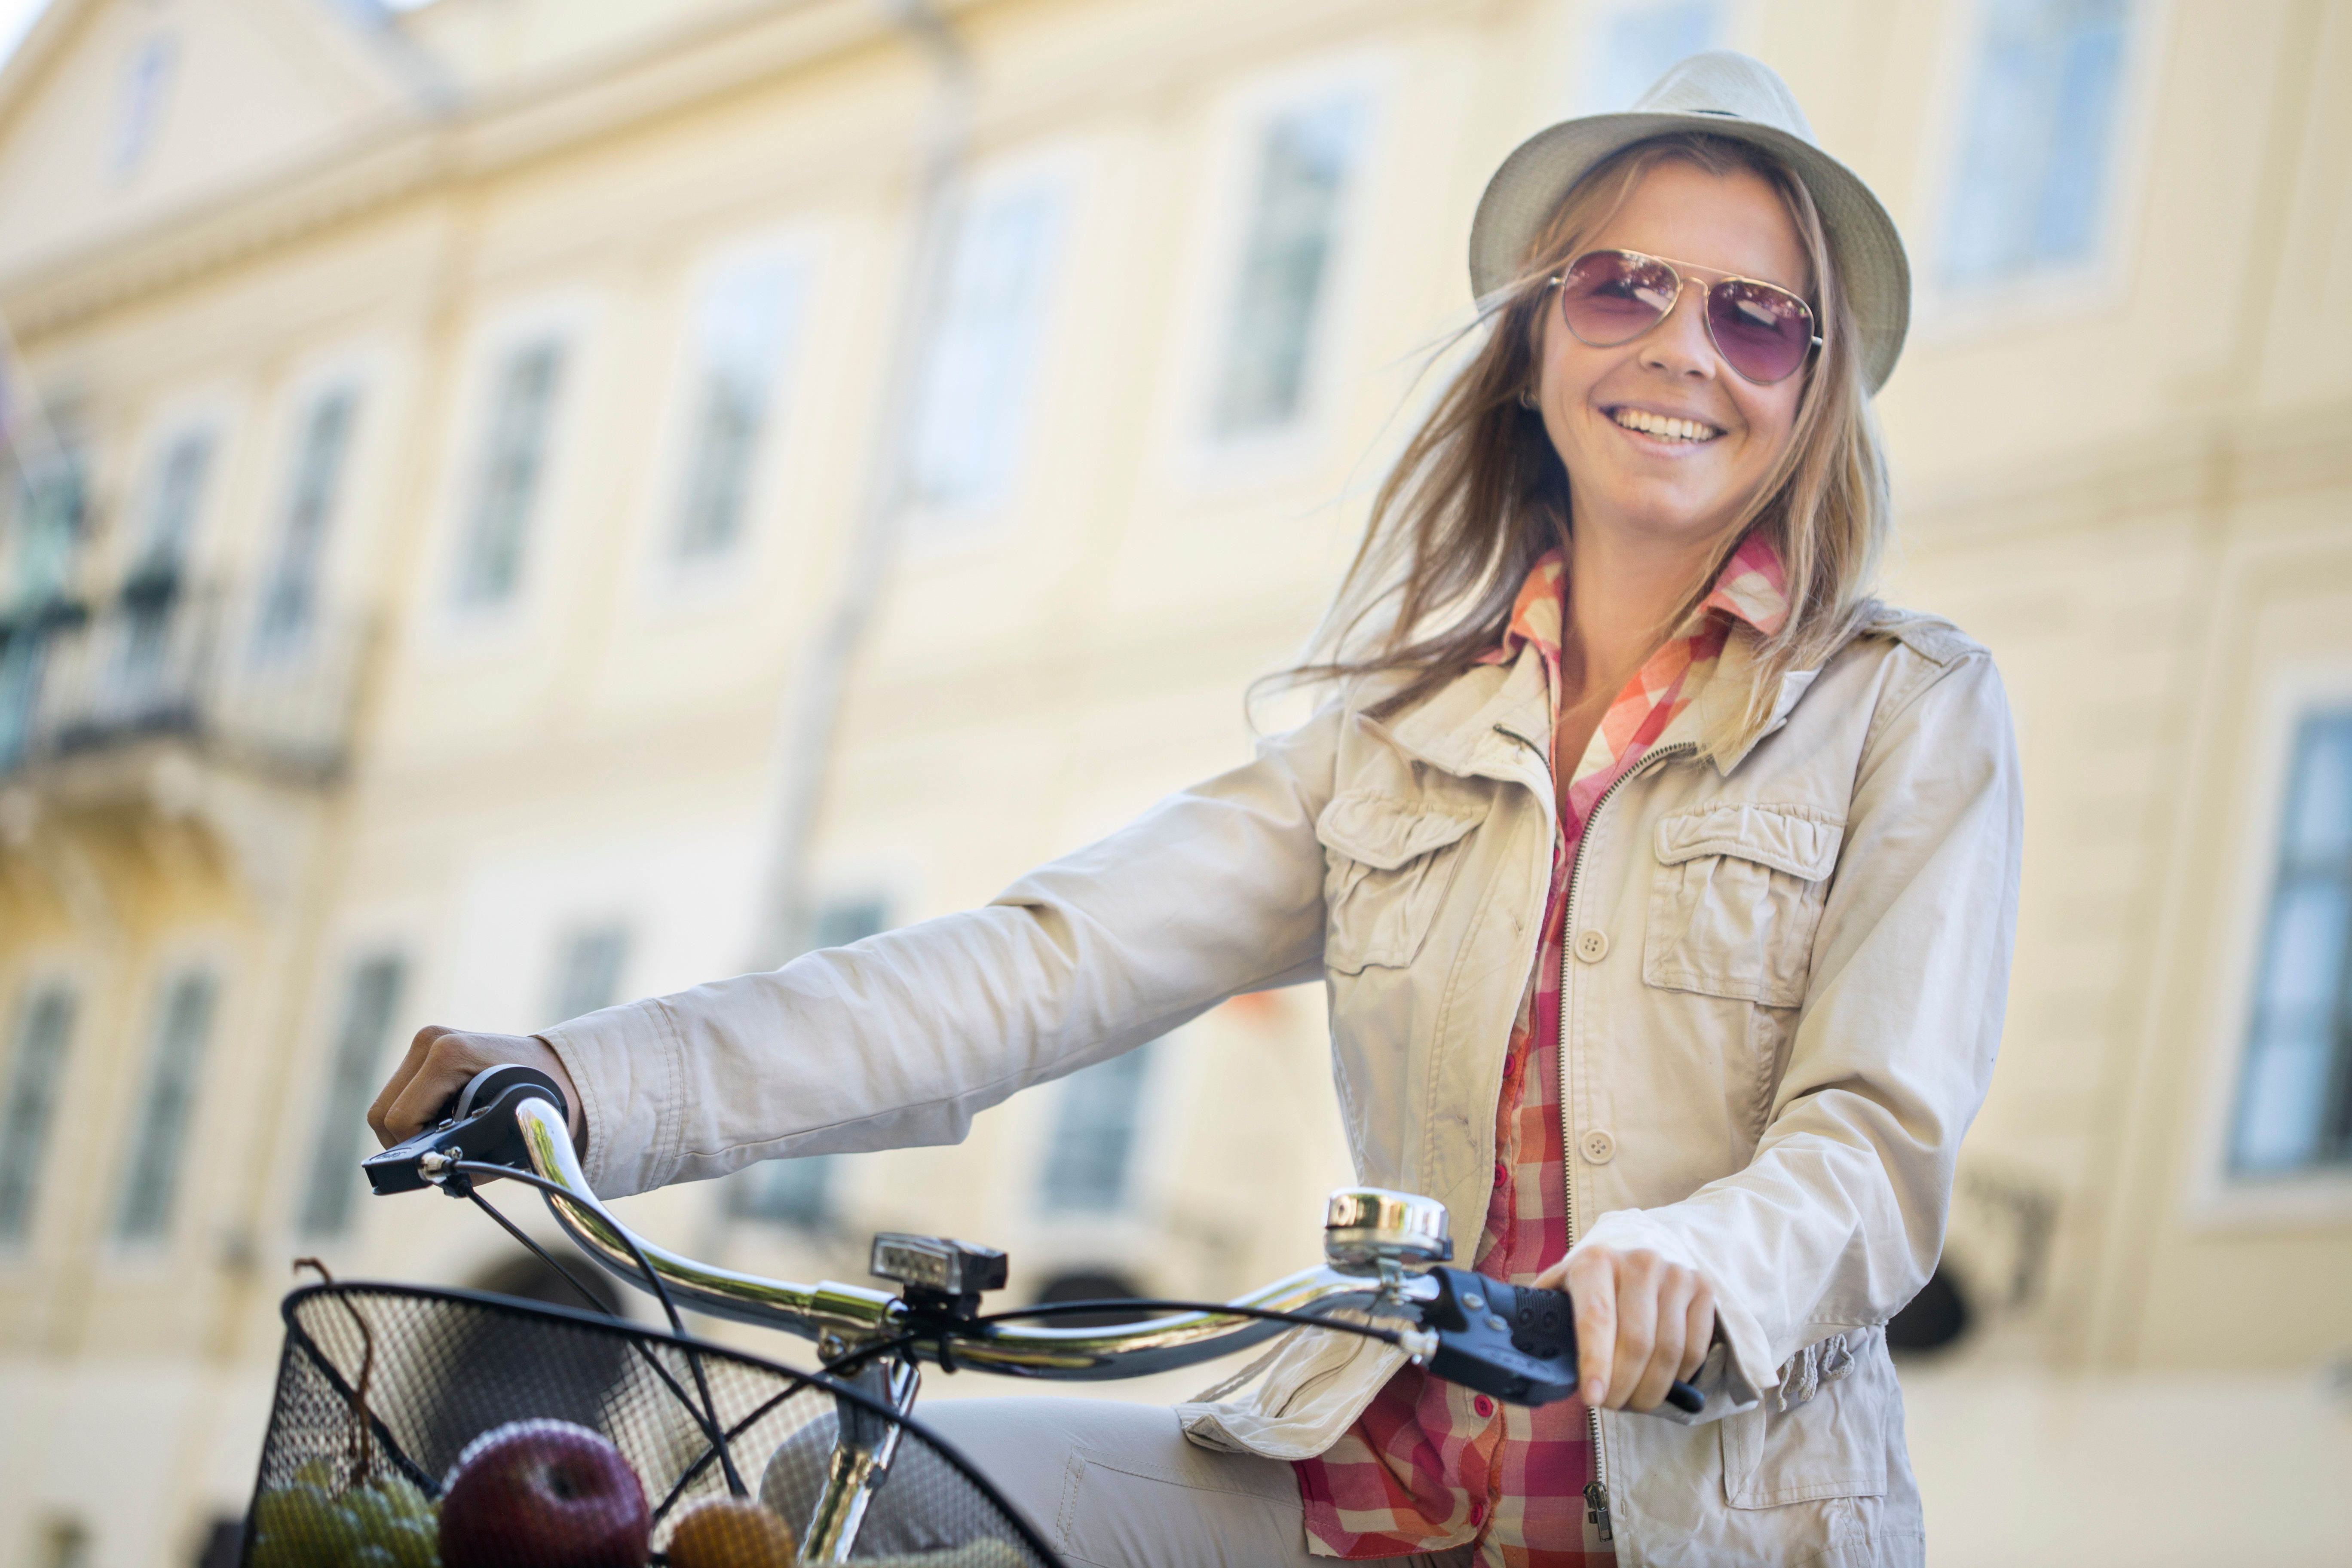 Wer in Bologna mit dem Fahrrad fährt, wird